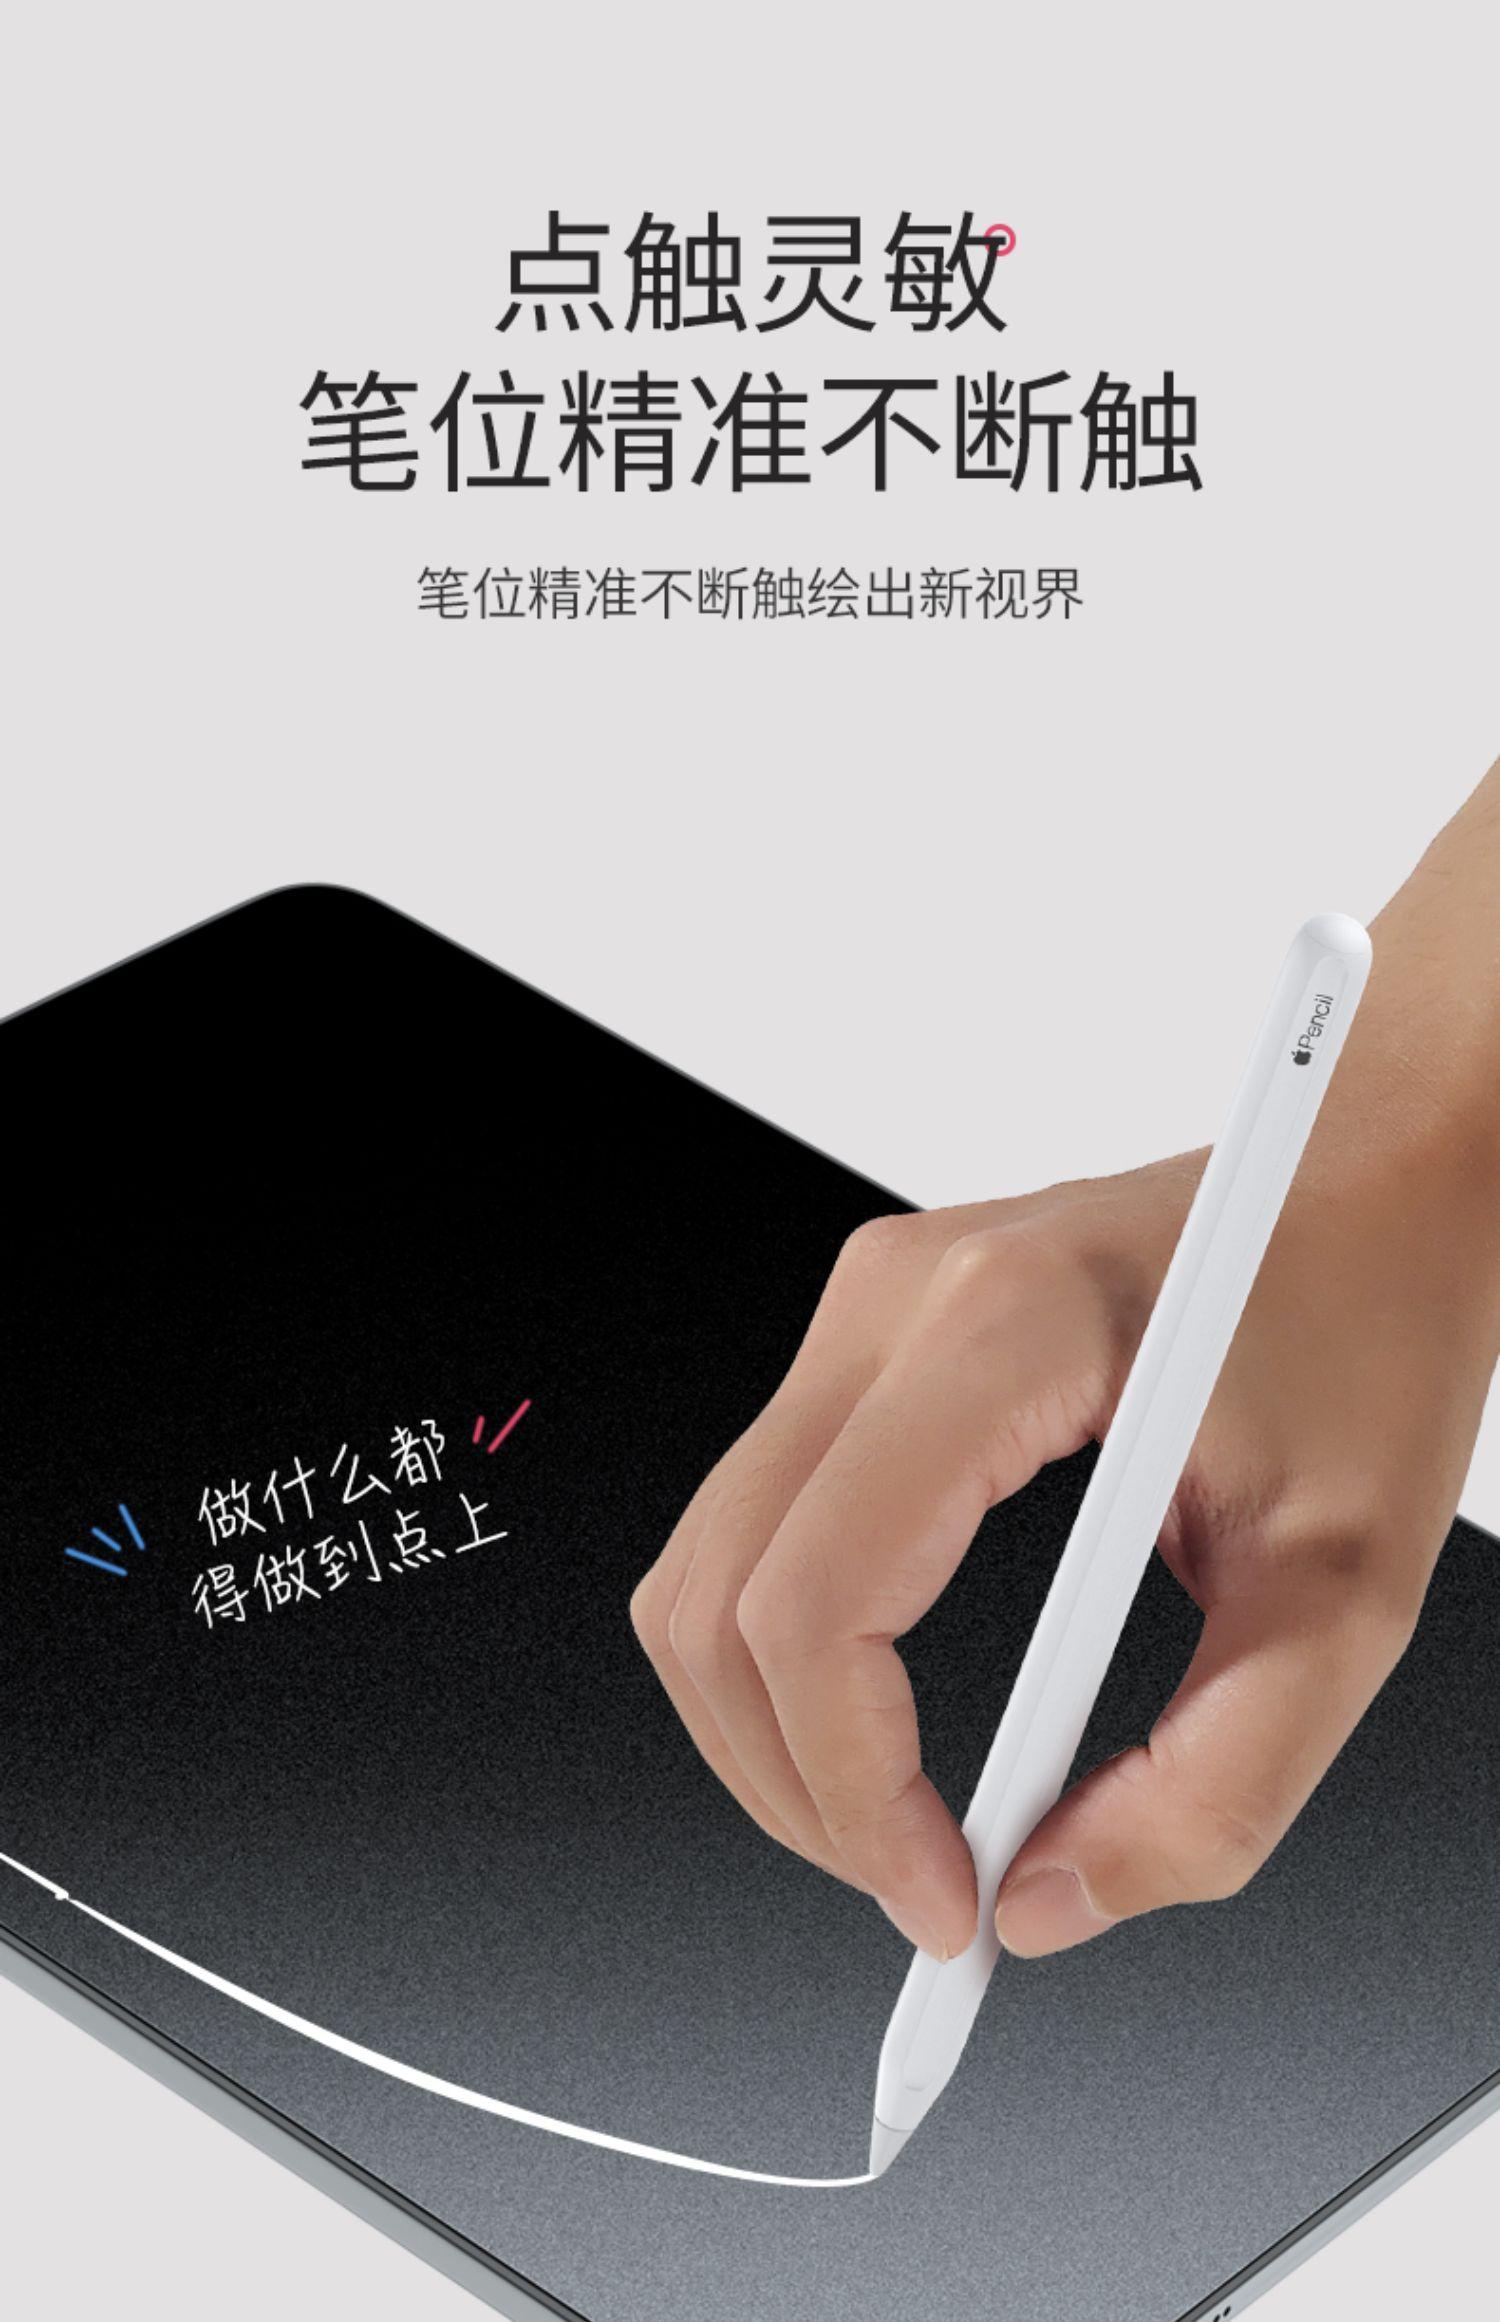 类纸膜磁吸可拆卸2021款pro11 ipad